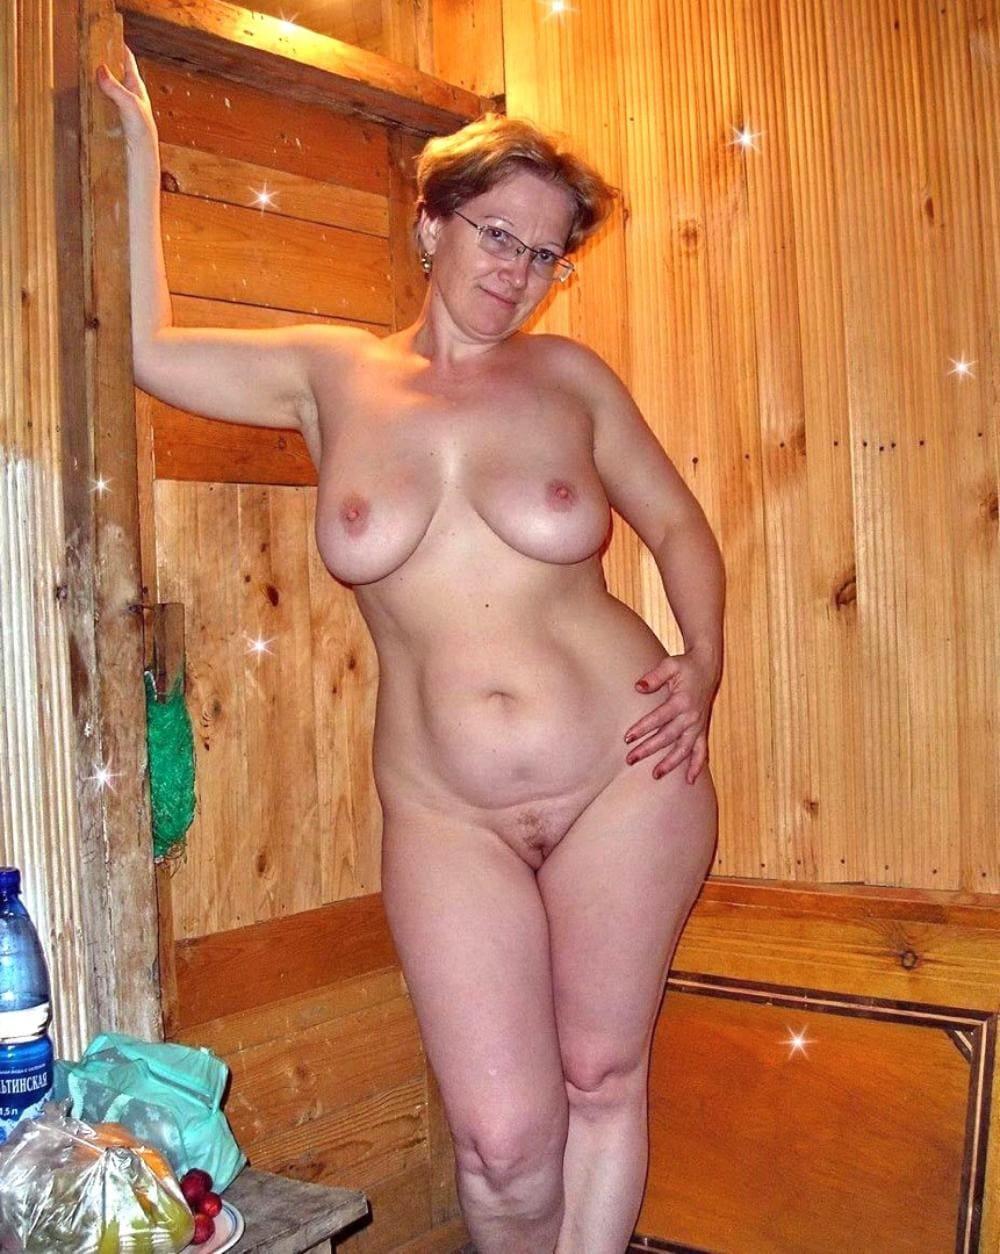 голые зрелые бабы в бане стоит в очках, большие сиськи, интимная стрижка, красивая фигура